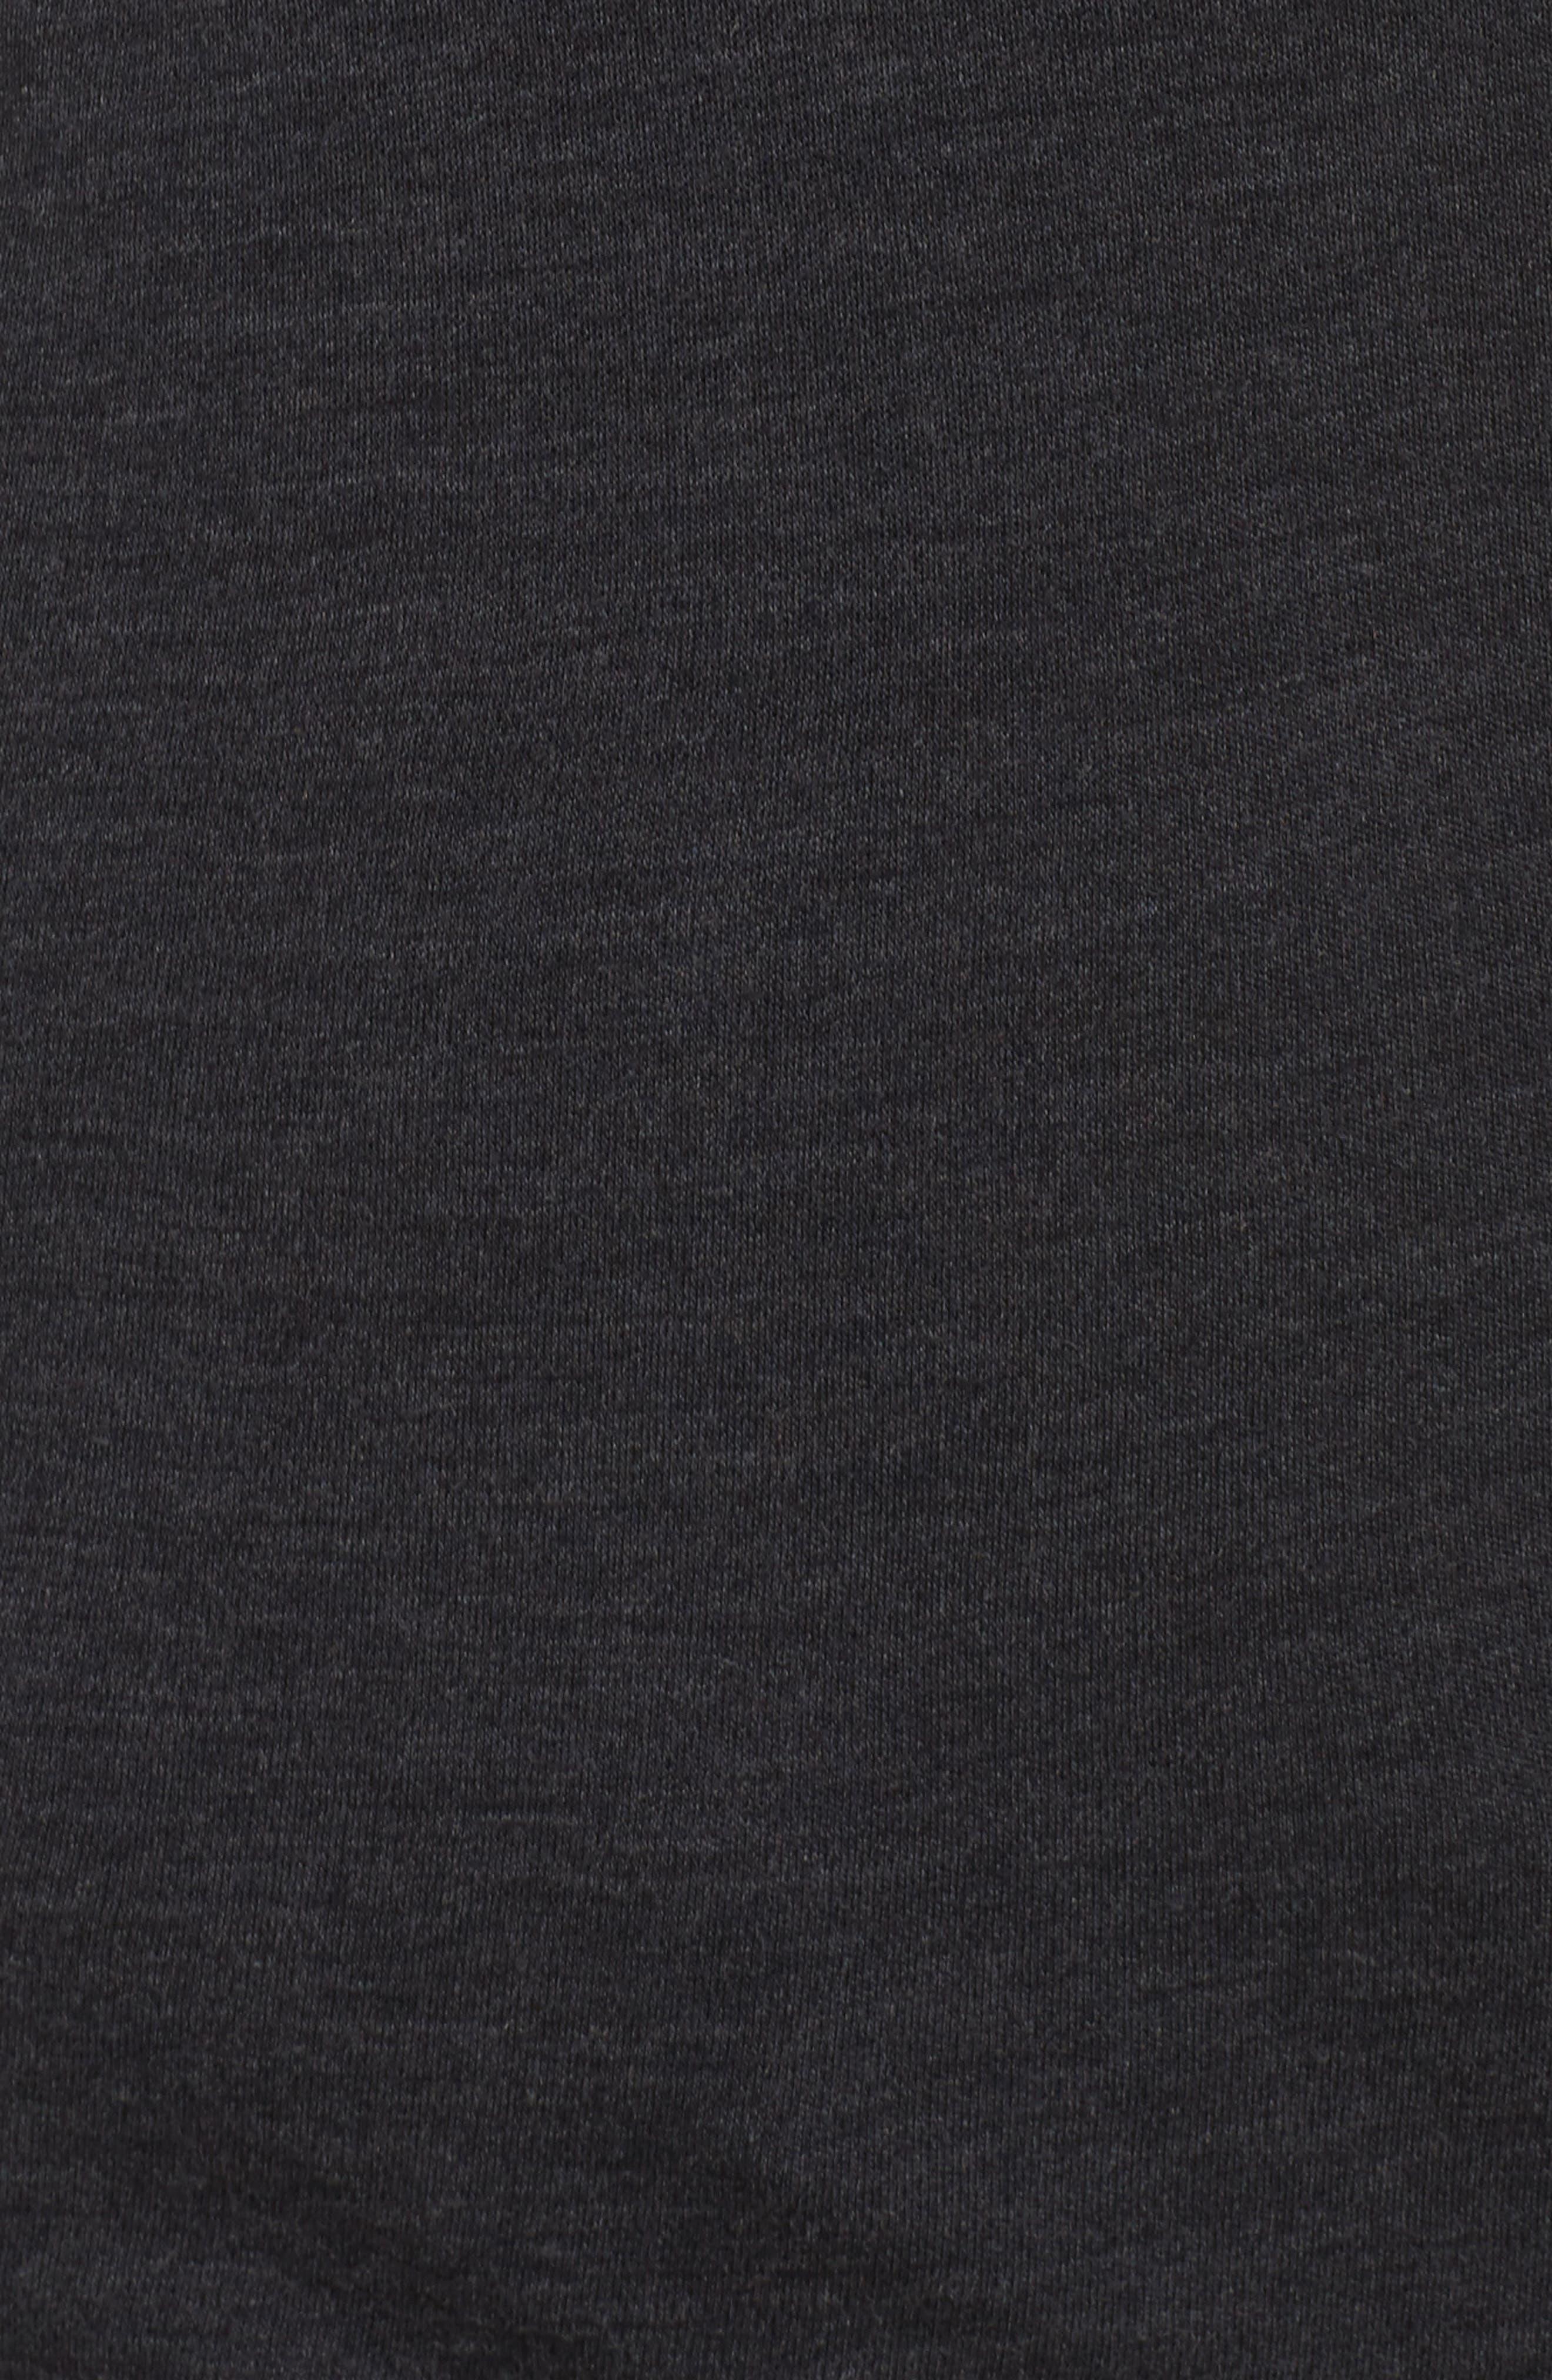 Alternate Image 5  - Smartwool Merino 250 Base Pattern Layer Quarter Zip Top